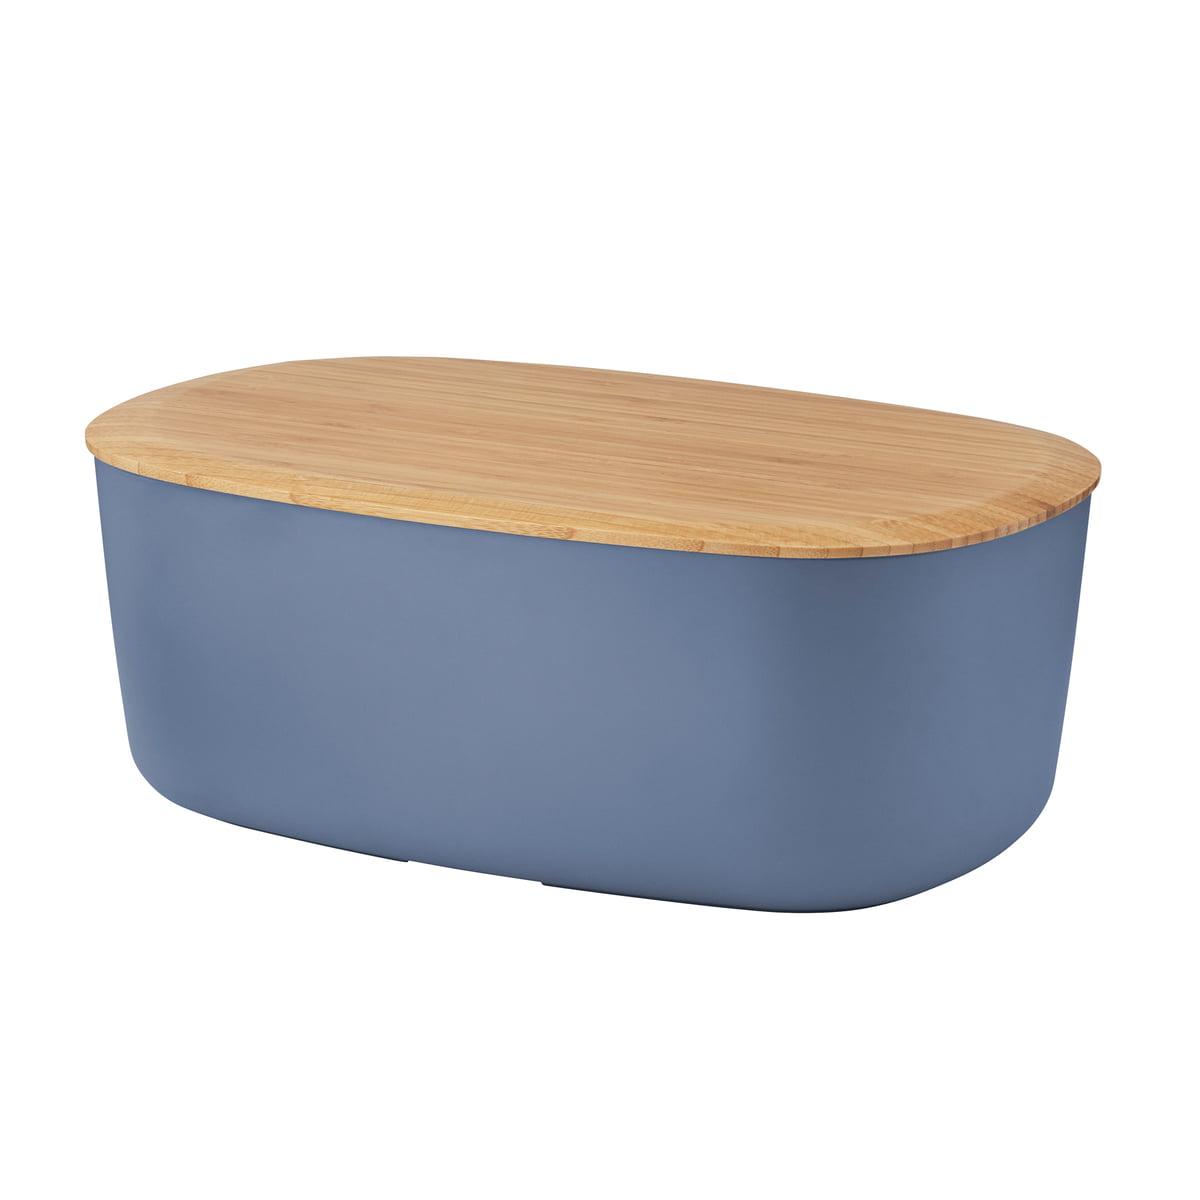 Rig-Tig by Stelton - Box-It Brotkasten, dunkelblau   Küche und Esszimmer > Aufbewahrung > Brotkasten   Dunkelblau   Kasten: melamin -  deckel: bambusholz   Stelton